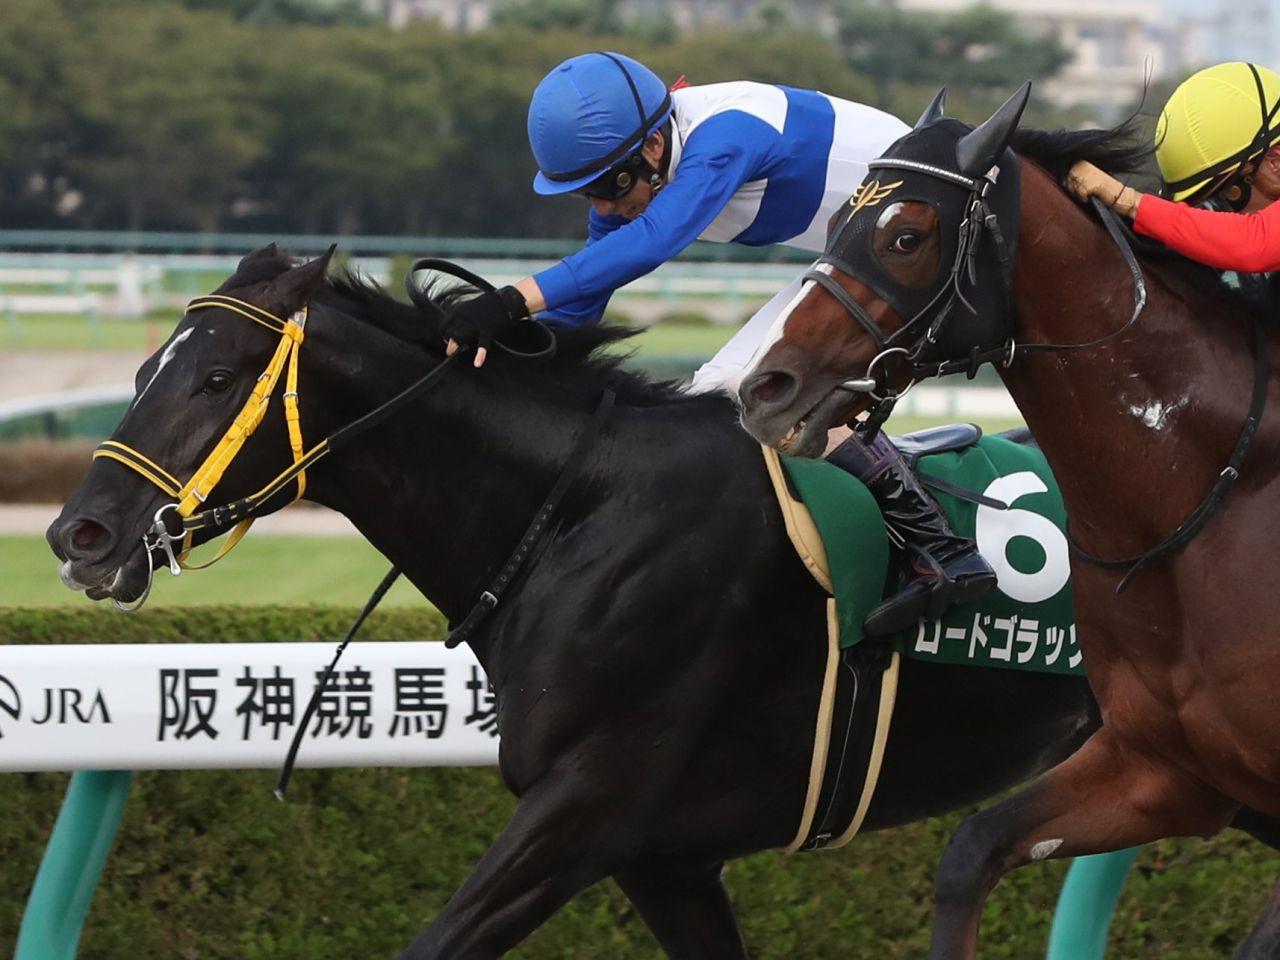 【シリウスS】藤岡佑「強気に出て良かった」ロードゴラッソが重賞初V!